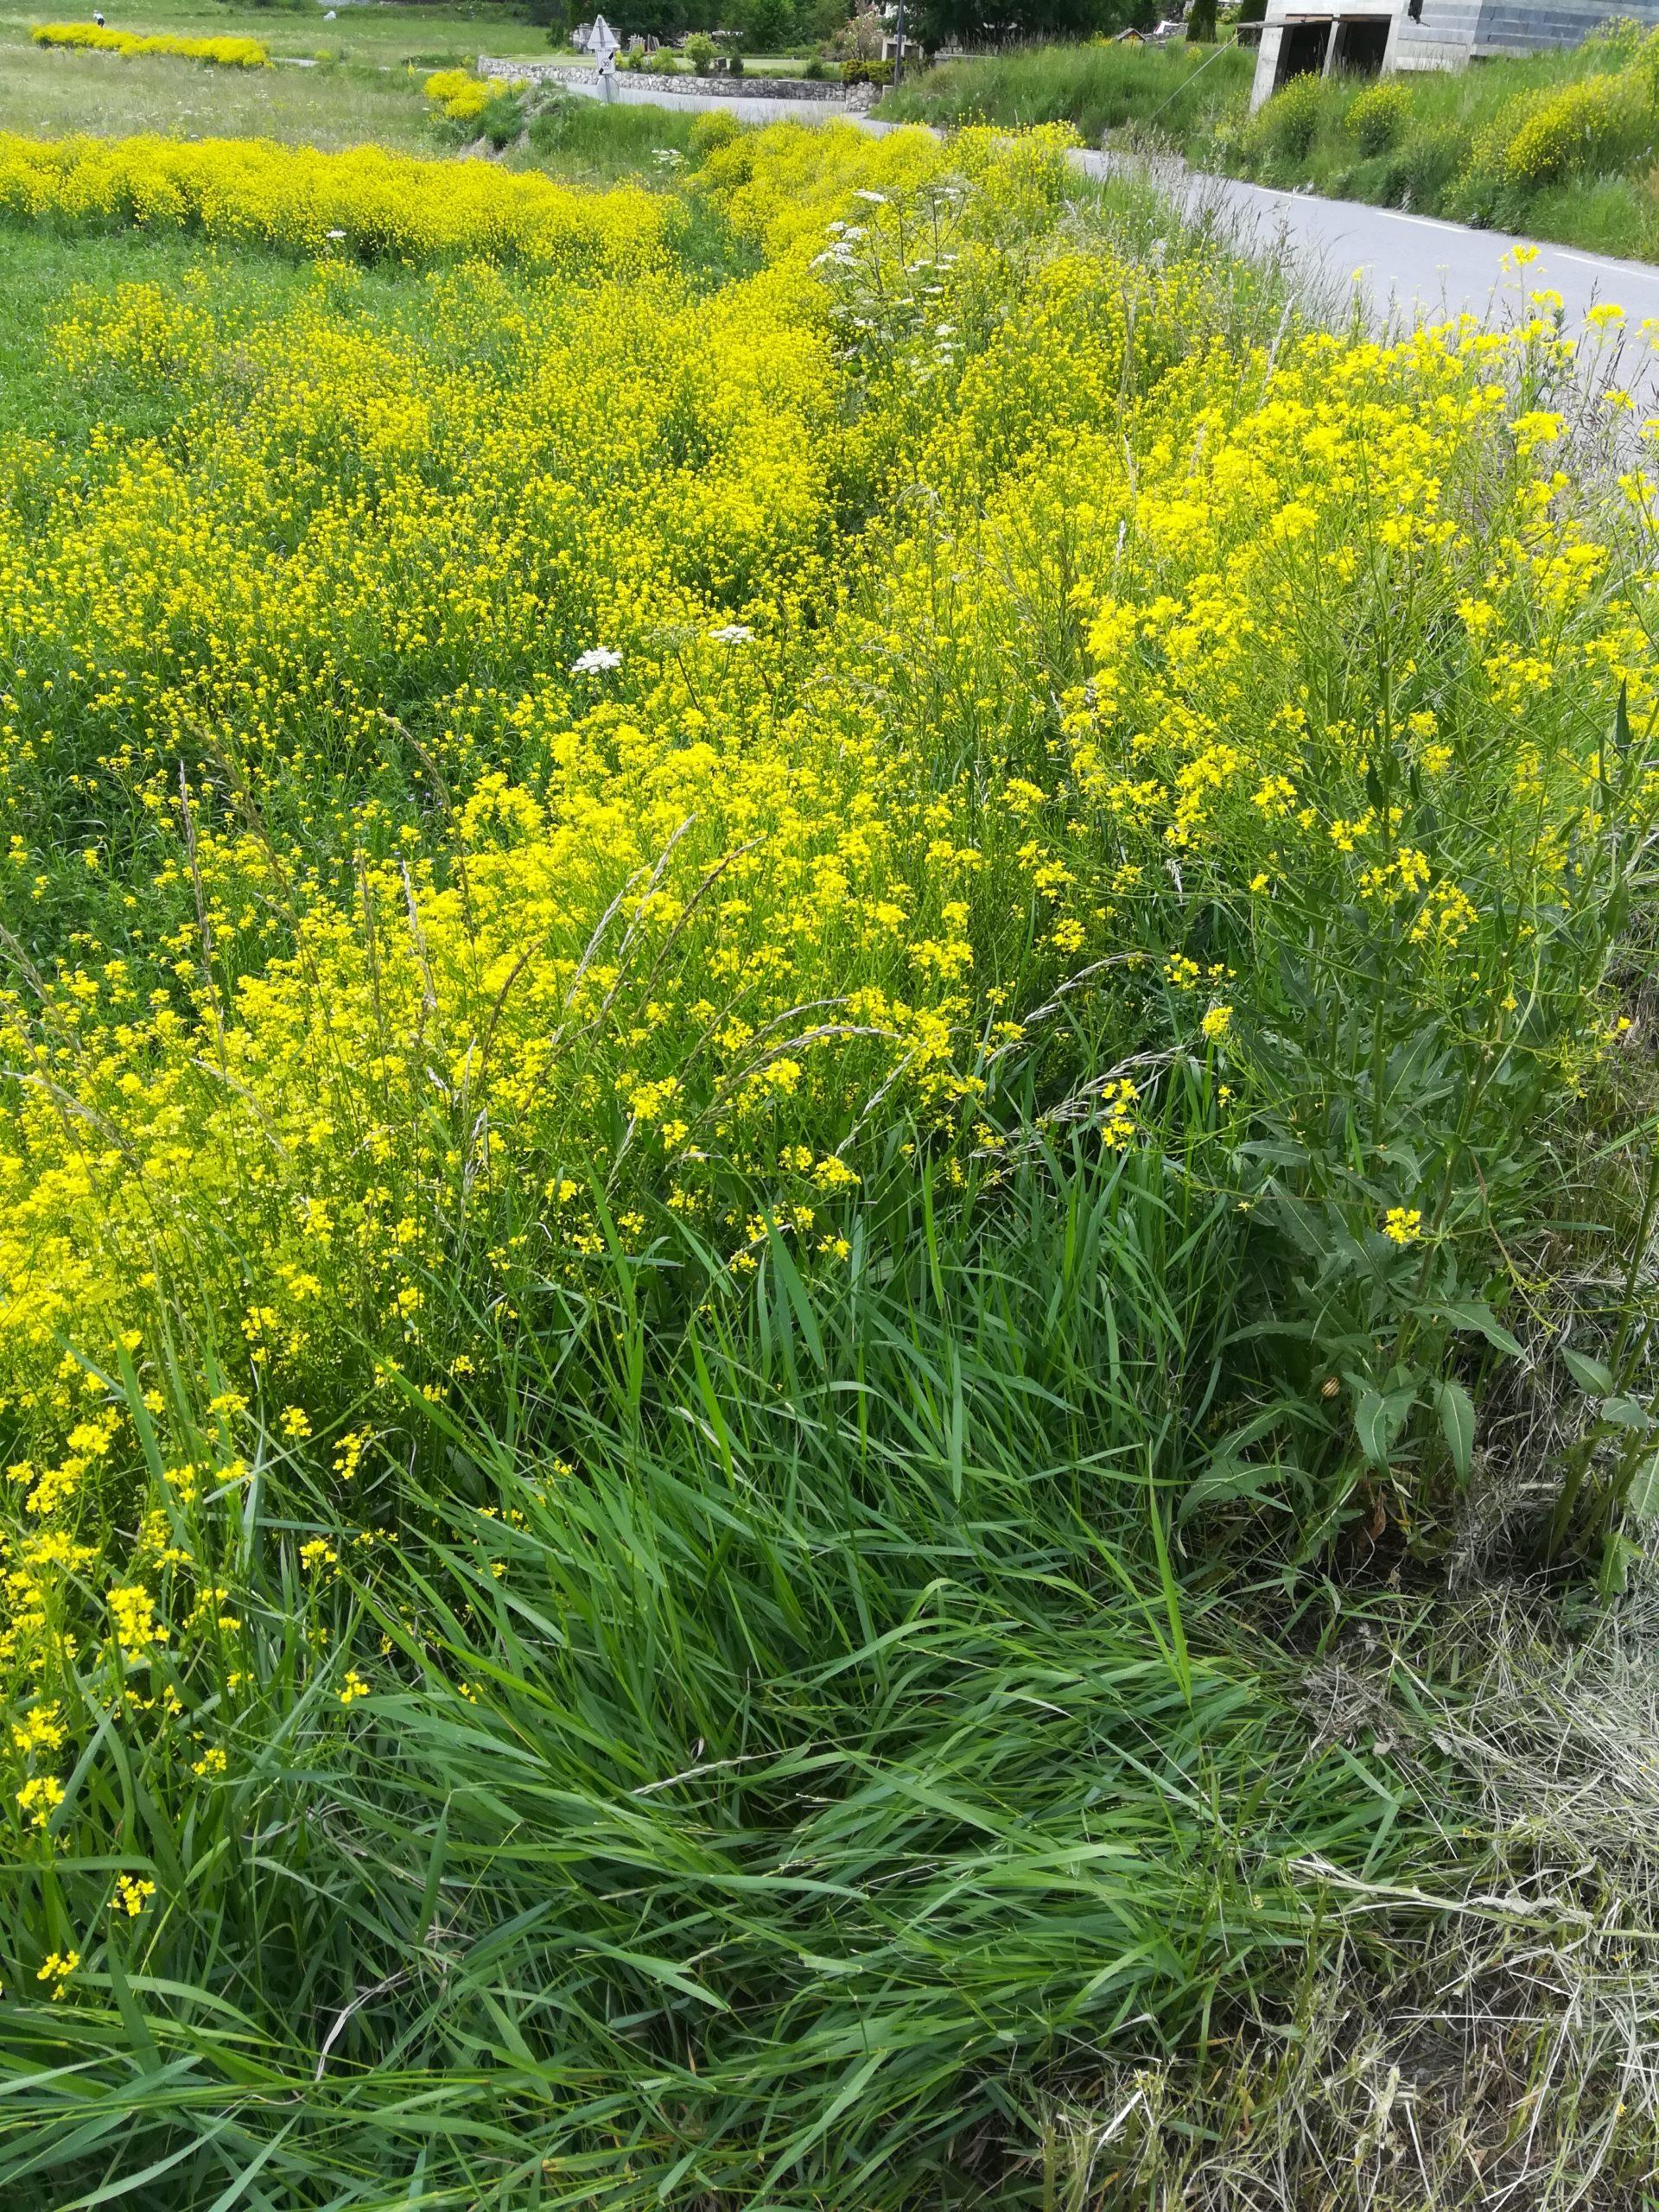 Chantier bénévole pour l'arrachage d'une plante invasive présente en Clarée : le Bunias d'Orient